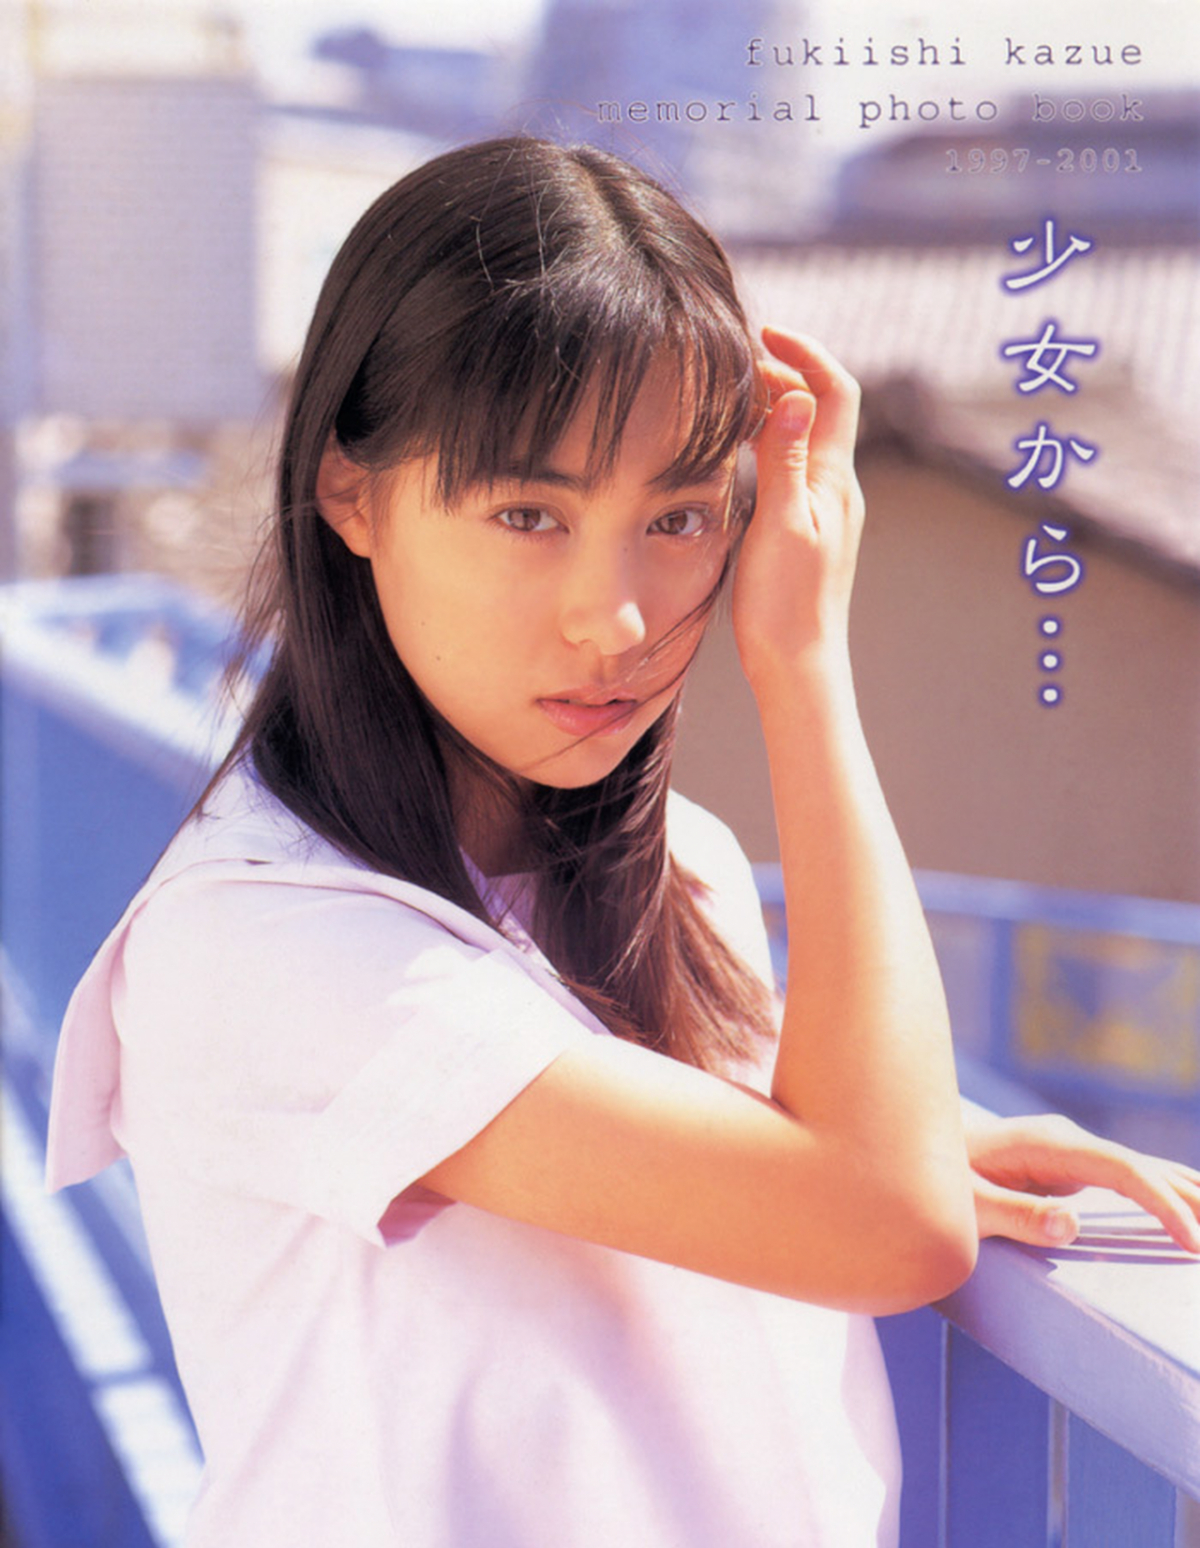 被锁在保险柜里的日本艺人吹石一惠的写真作品 (53)